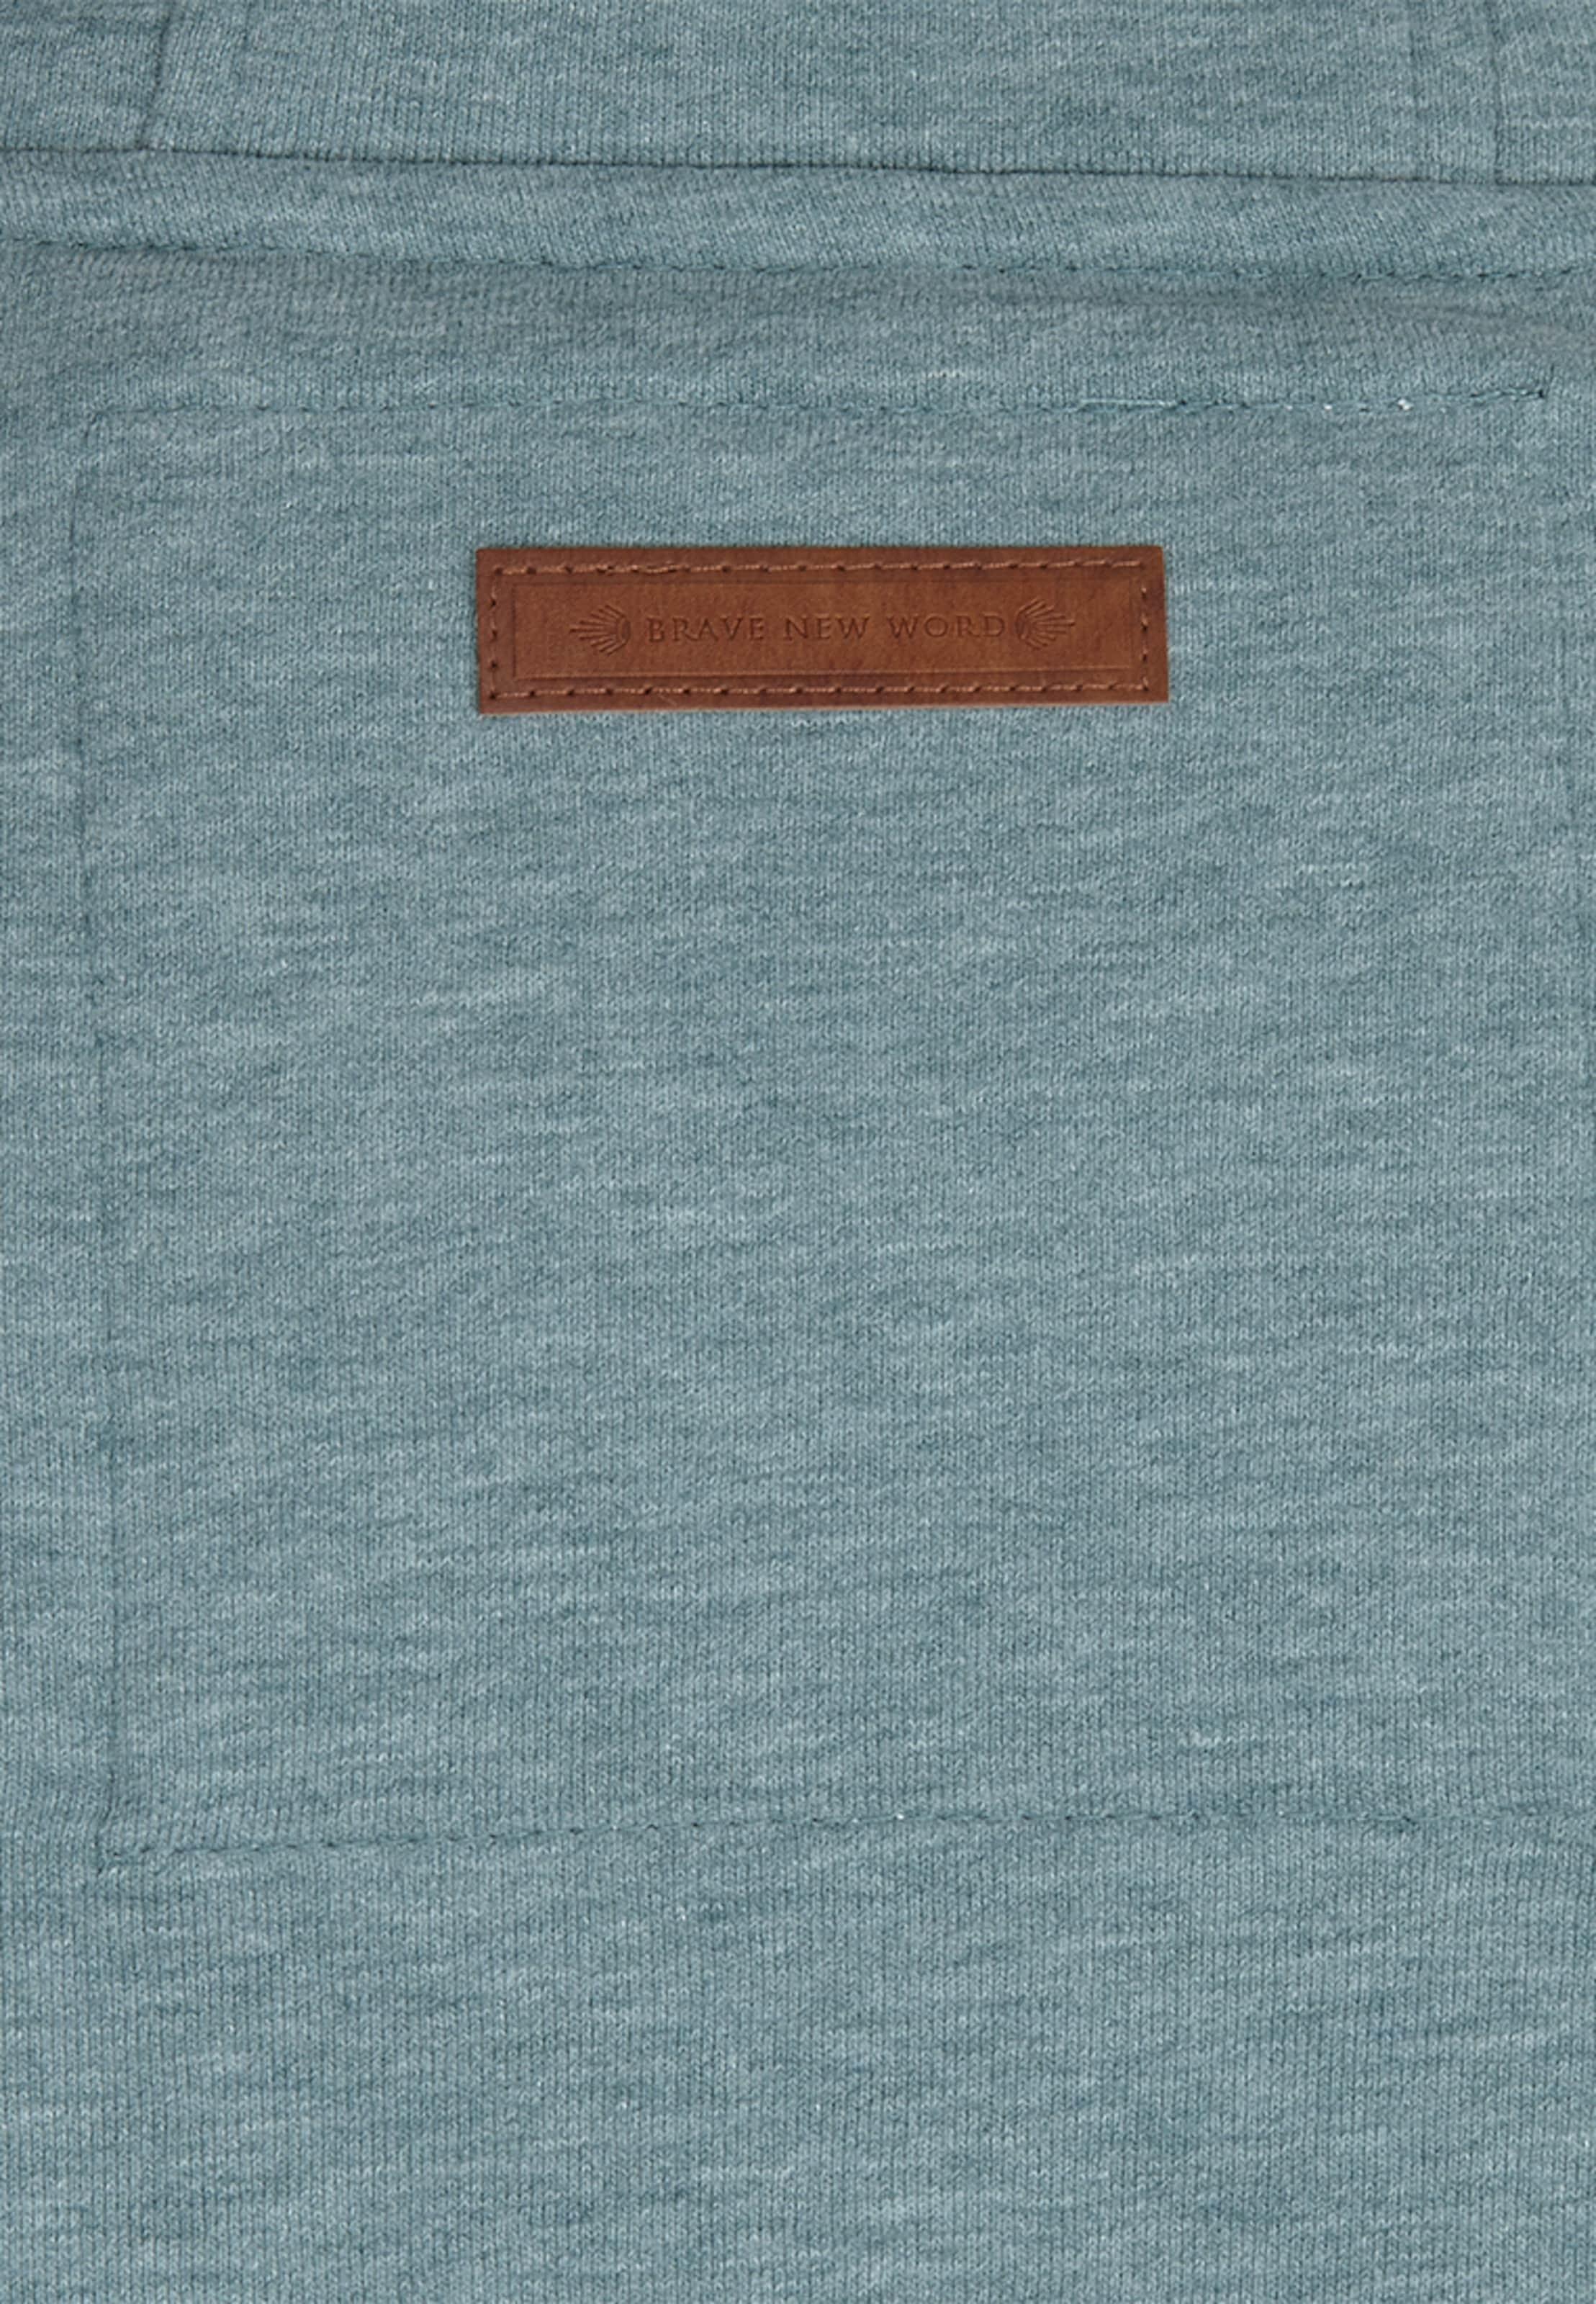 naketano Male Zipped Jacket 'Birol IX' Günstig Kaufen Blick 5svzLznar